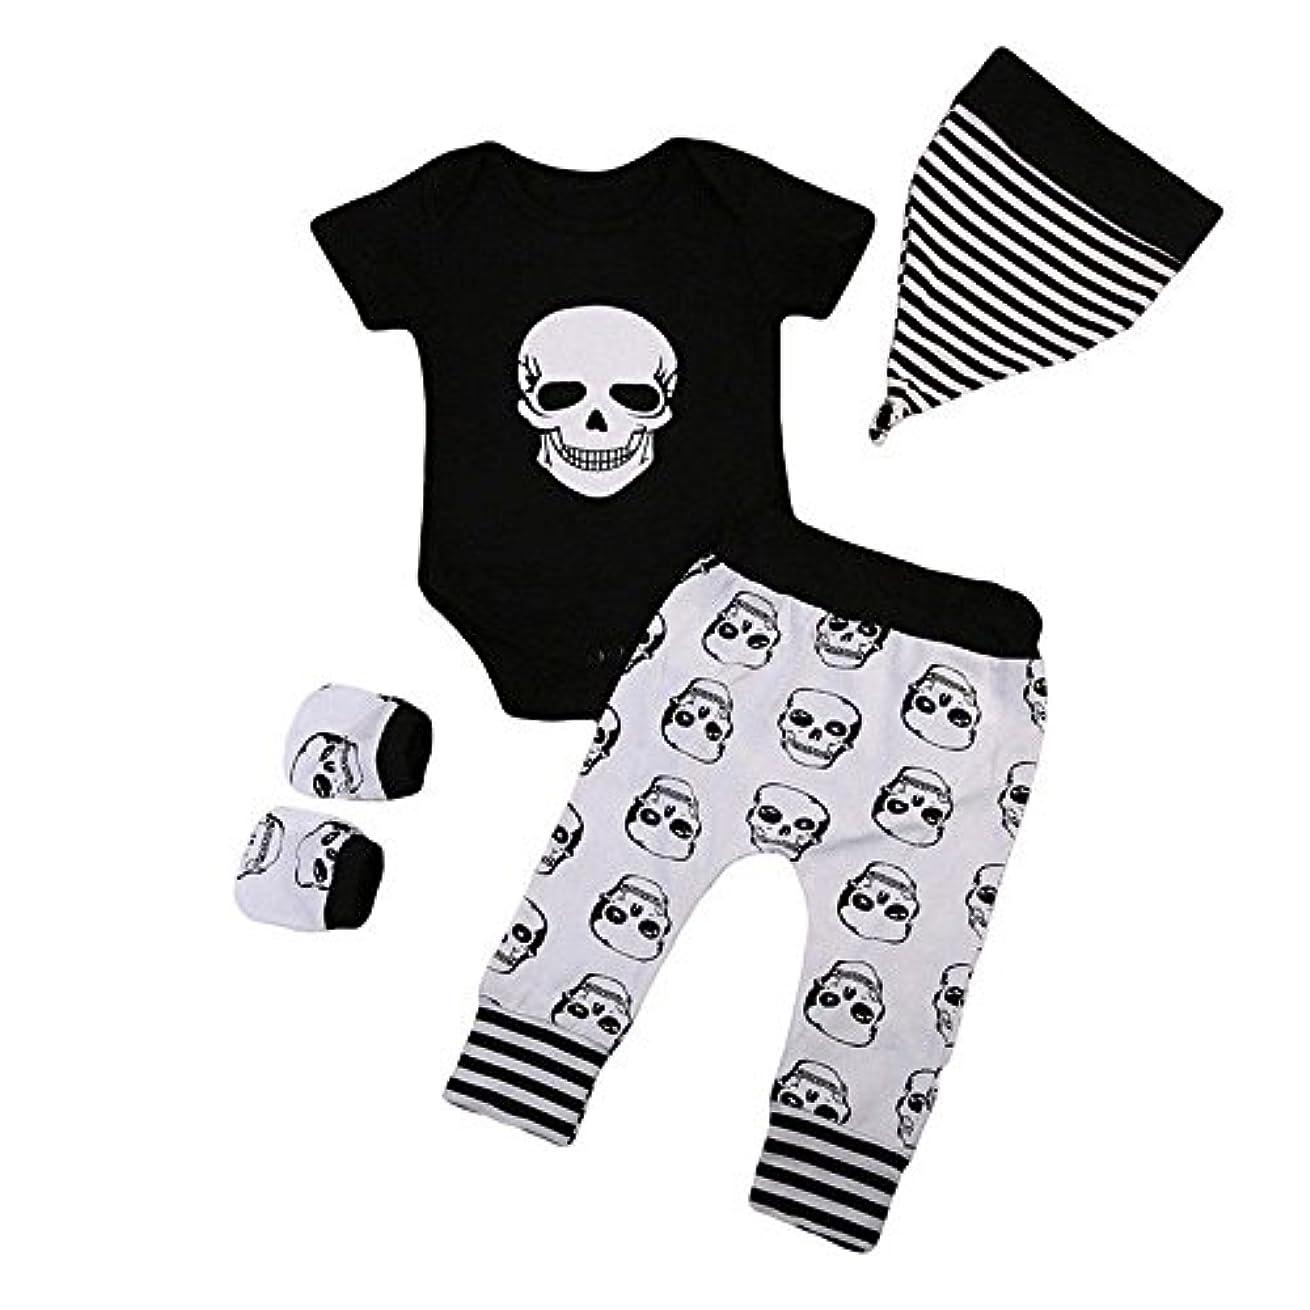 中古極めて重要な家族BHKK 子供 幼児少年少女ハロウィンボーンプリントロンパー+パンツ+帽子+手袋 6ヶ月 - 24ヶ月